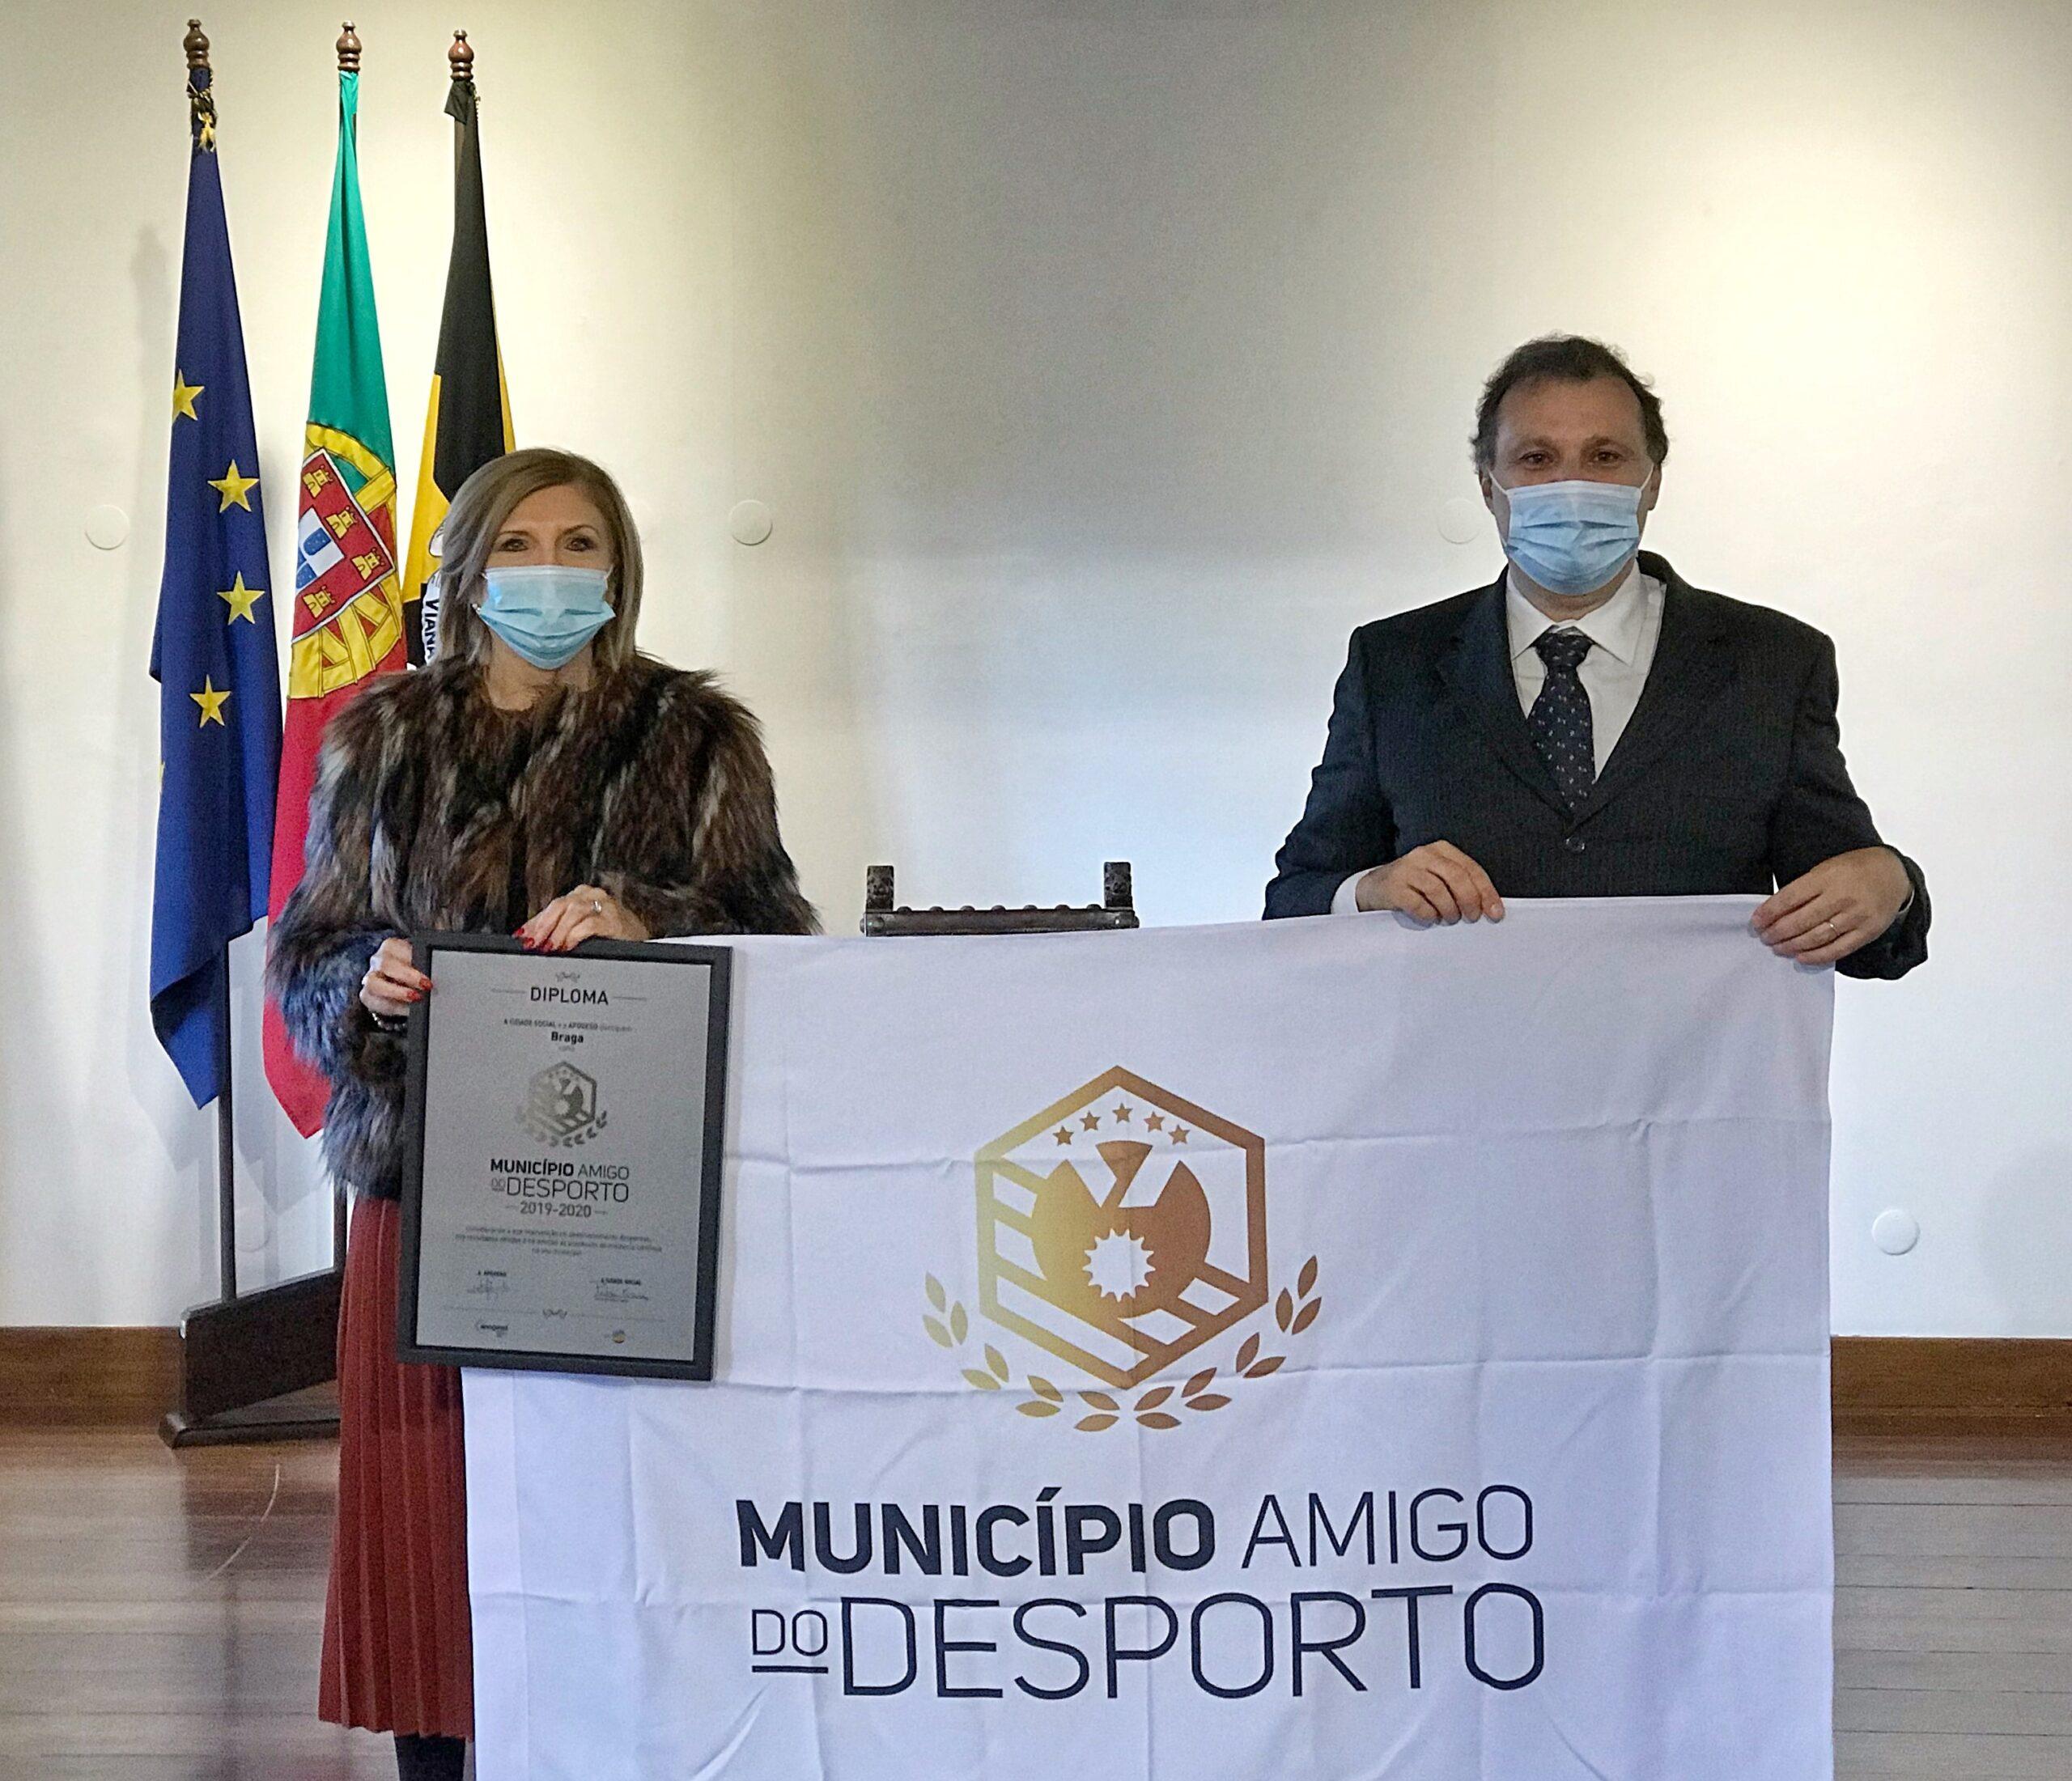 Braga distinguida com o galardão Município Amigo do Desporto